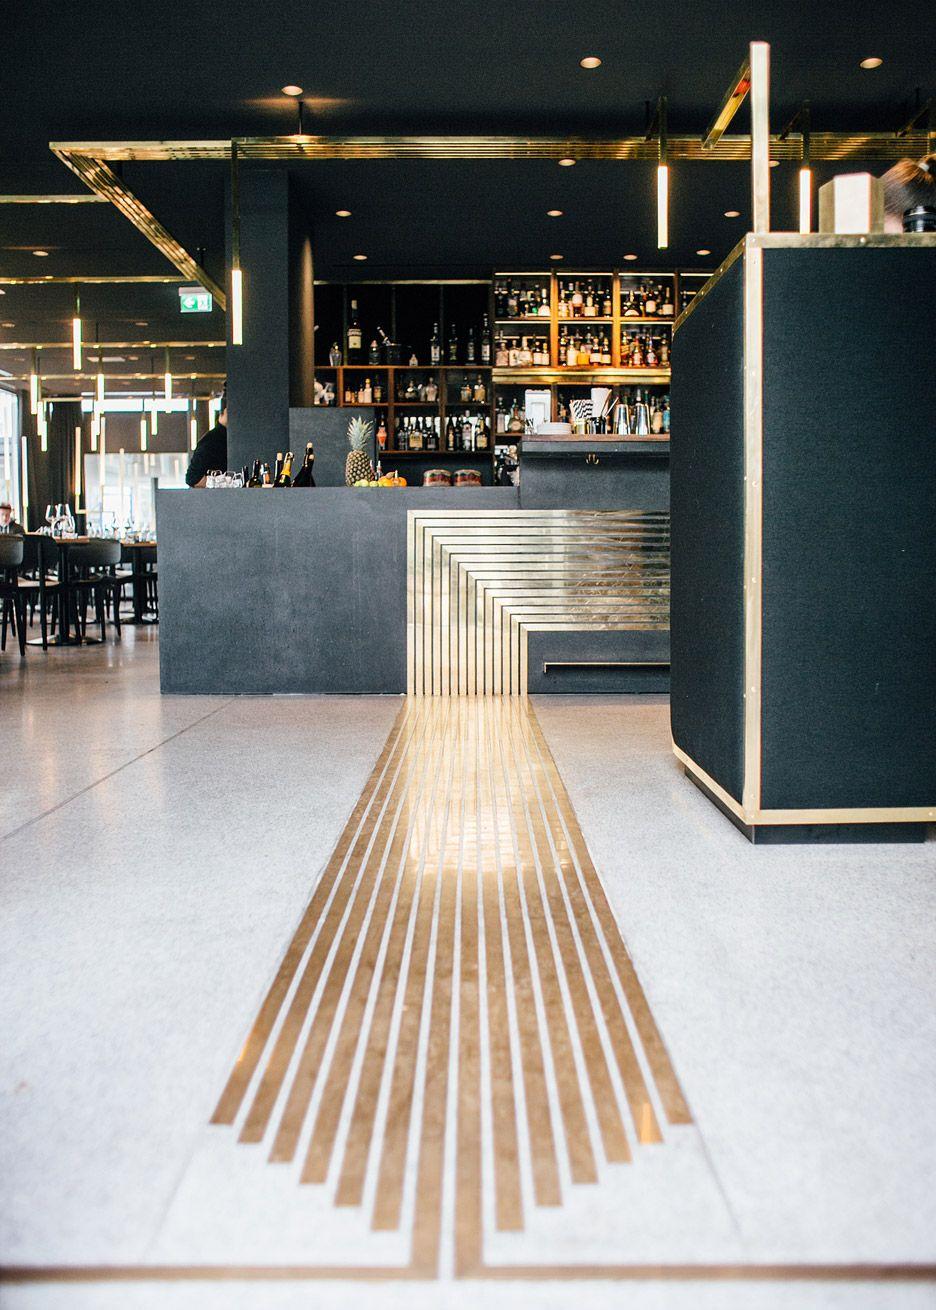 Wohndesign innenraum trend materialien messing tisch  brabbu ist eine designmarke die